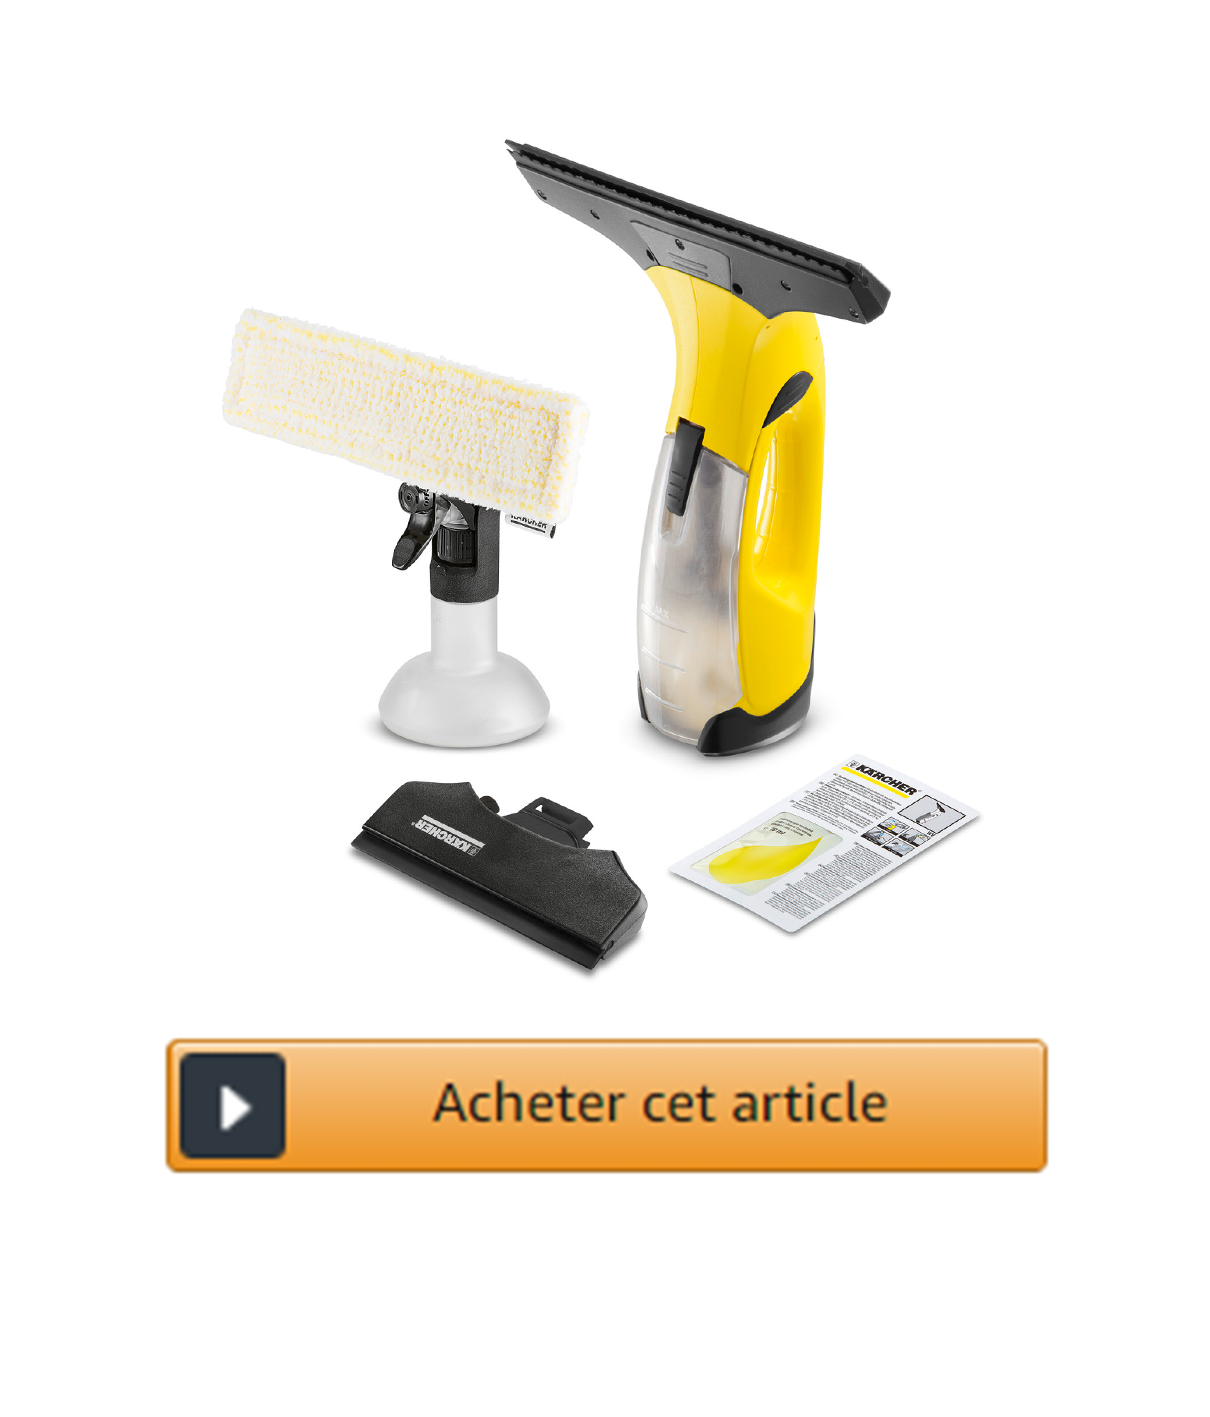 nettoyeur de vitres électrique Karcher